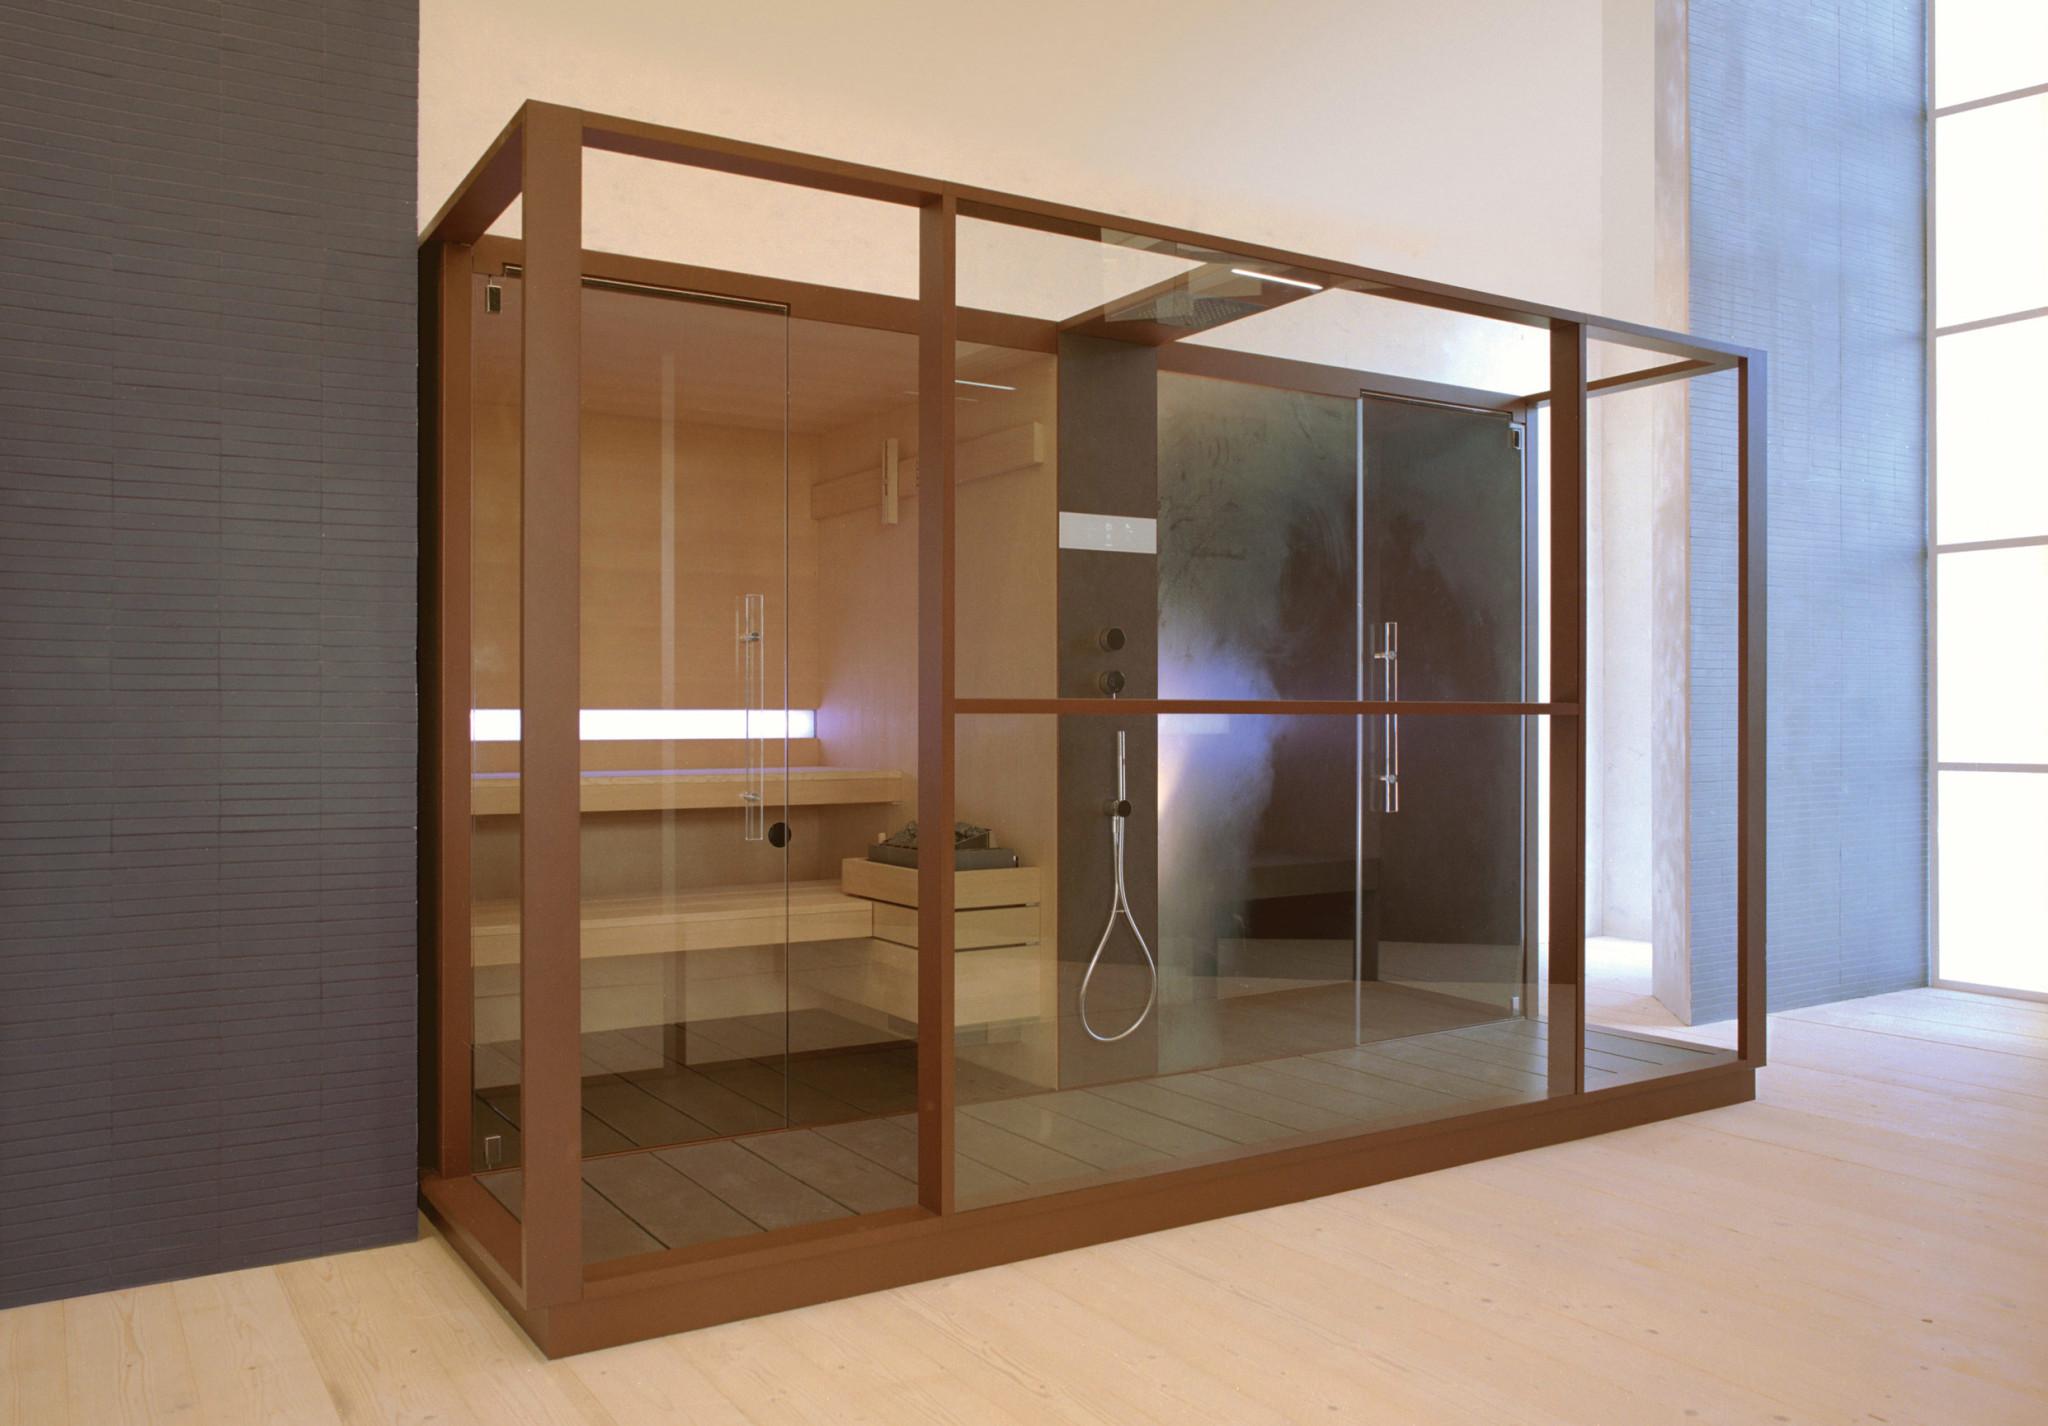 Comment Faire Fonctionner Un Sauna saunas hammam dans le monde – blog de l'hydromassage